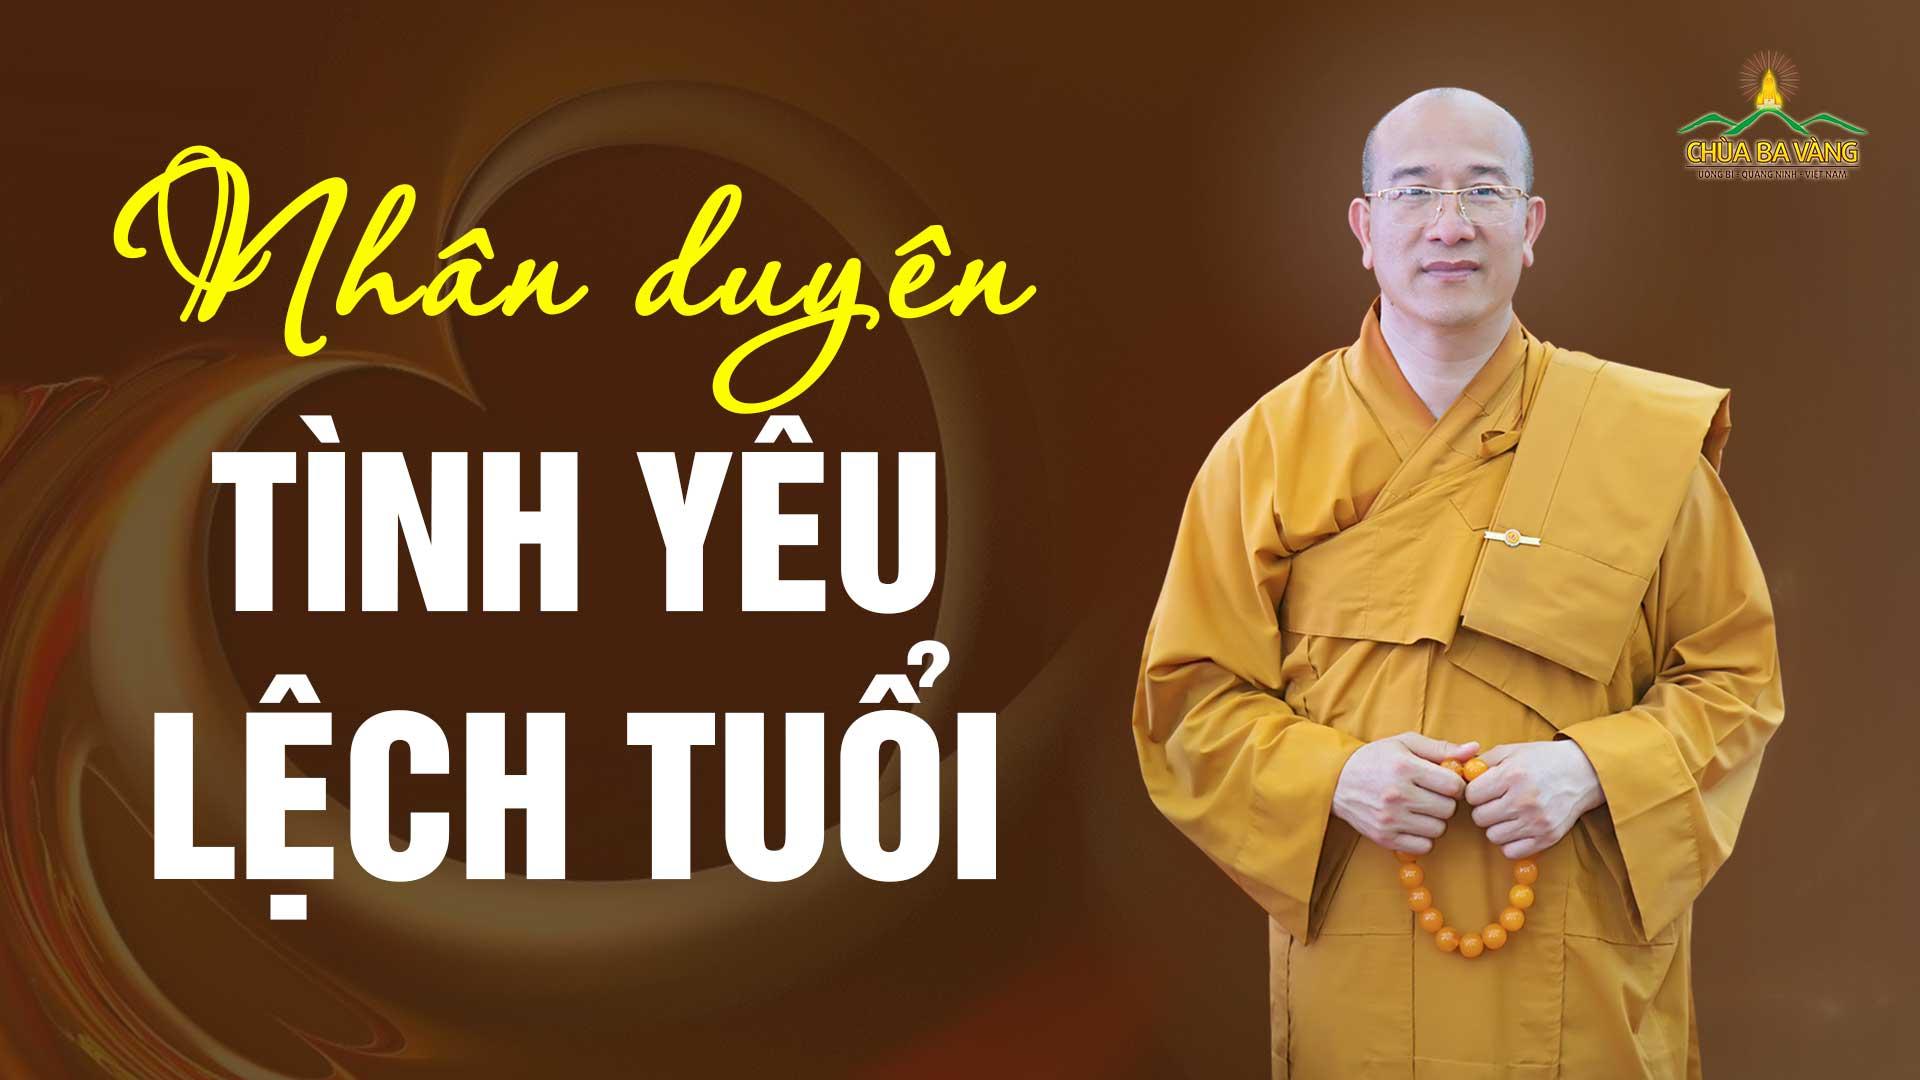 Tình yêu chênh lệch tuổi tác - Lý giải trên góc nhìn của đạo Phật